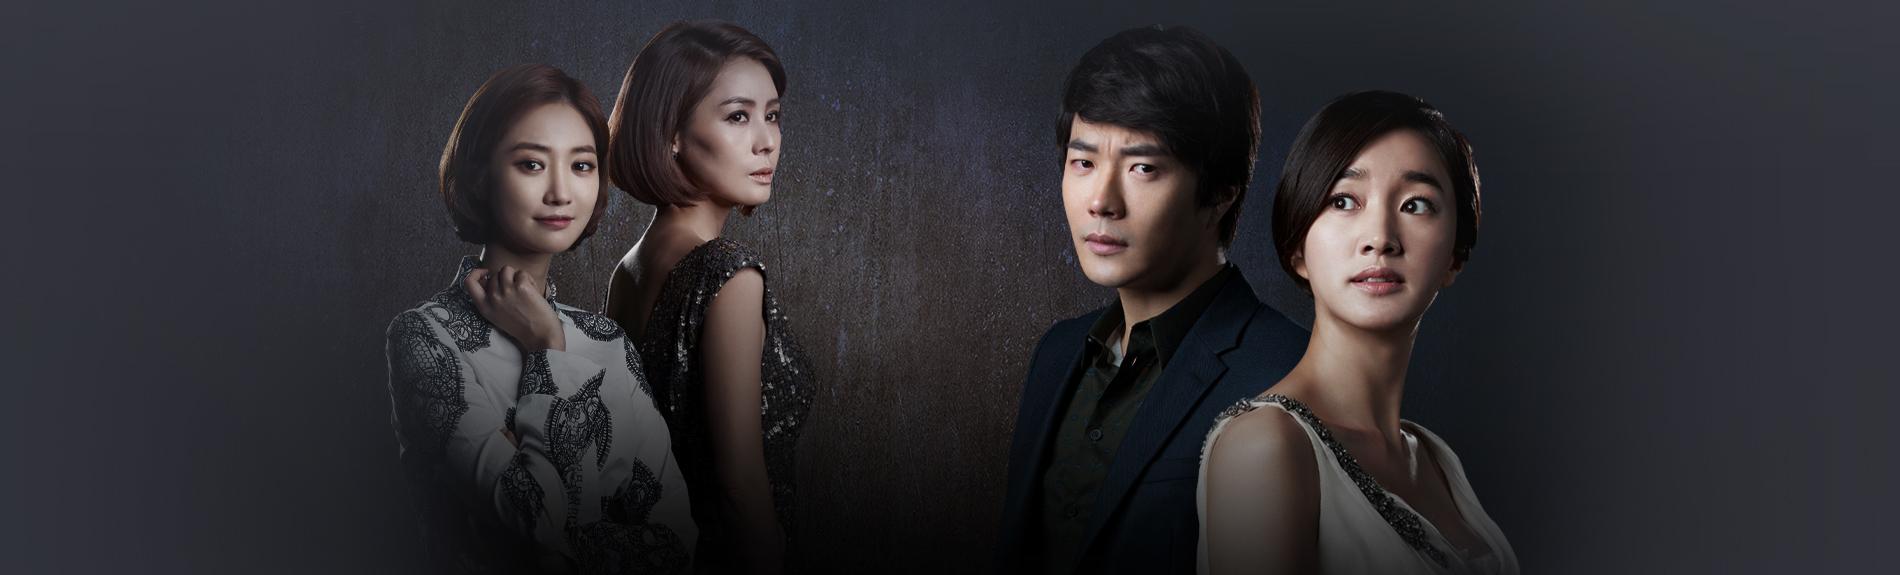 사랑과 복수 사이<BR>숨멎 전개 복수극 특집